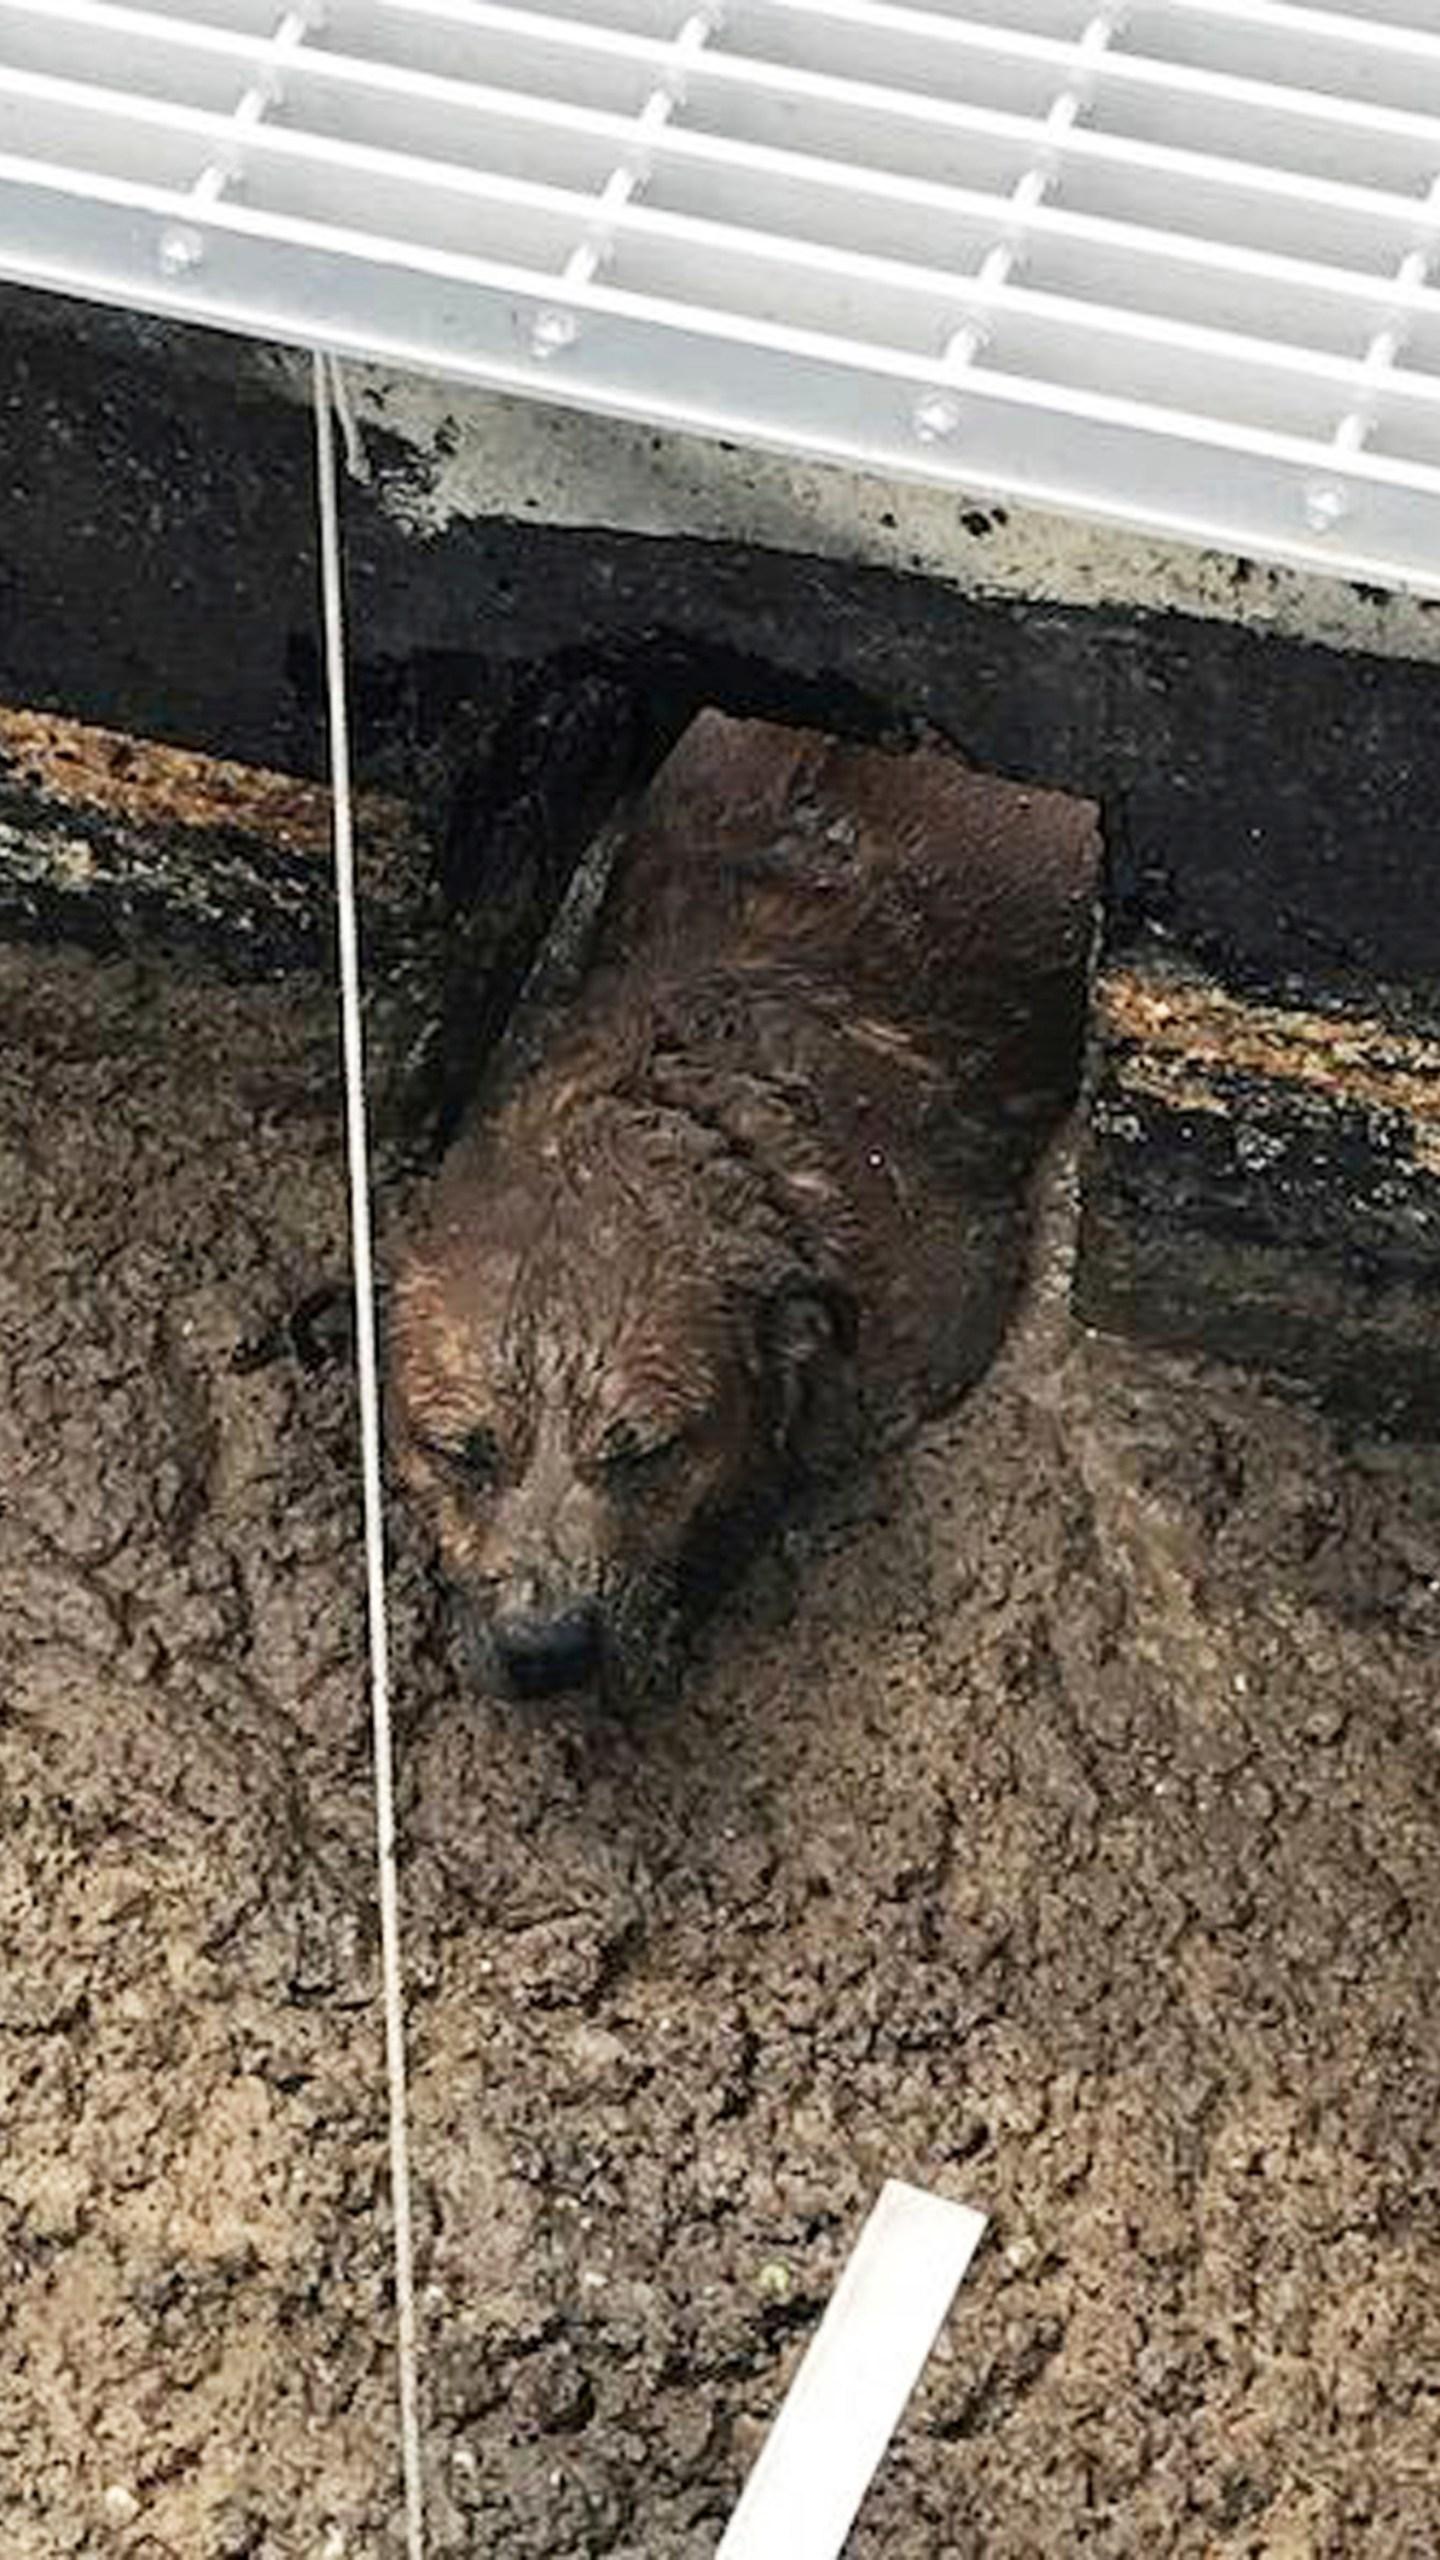 Dog_Rescue_Colorado_88564-159532.jpg51300623